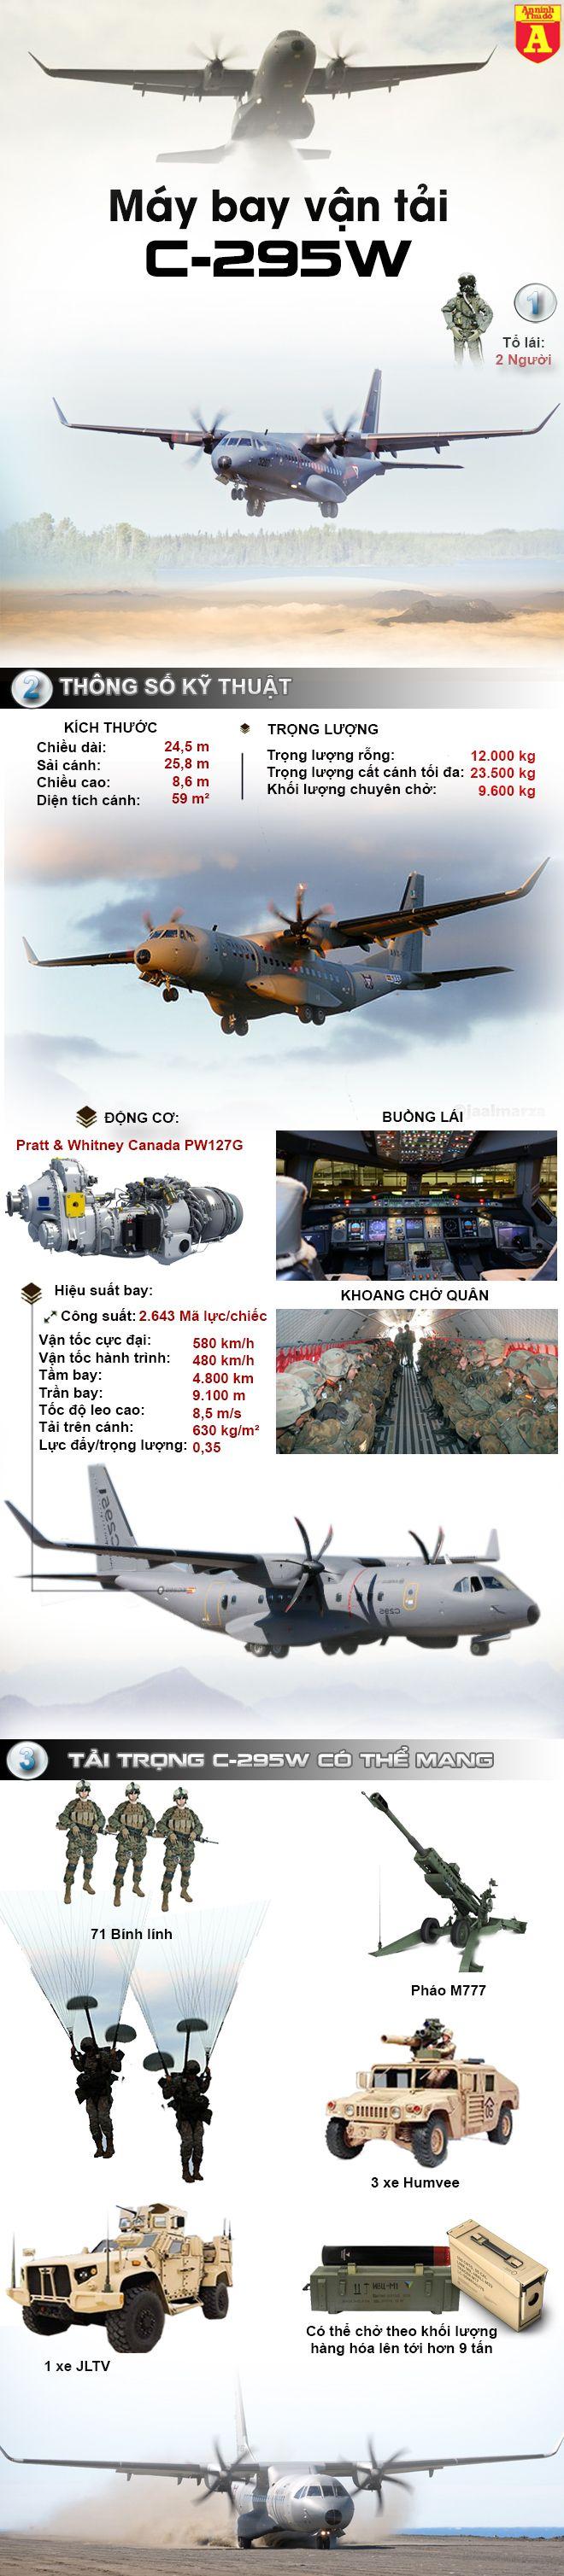 ANTD.VN - Đã có kinh nghiệm sử dụng máy bay vận tải C-295M, nhiề...